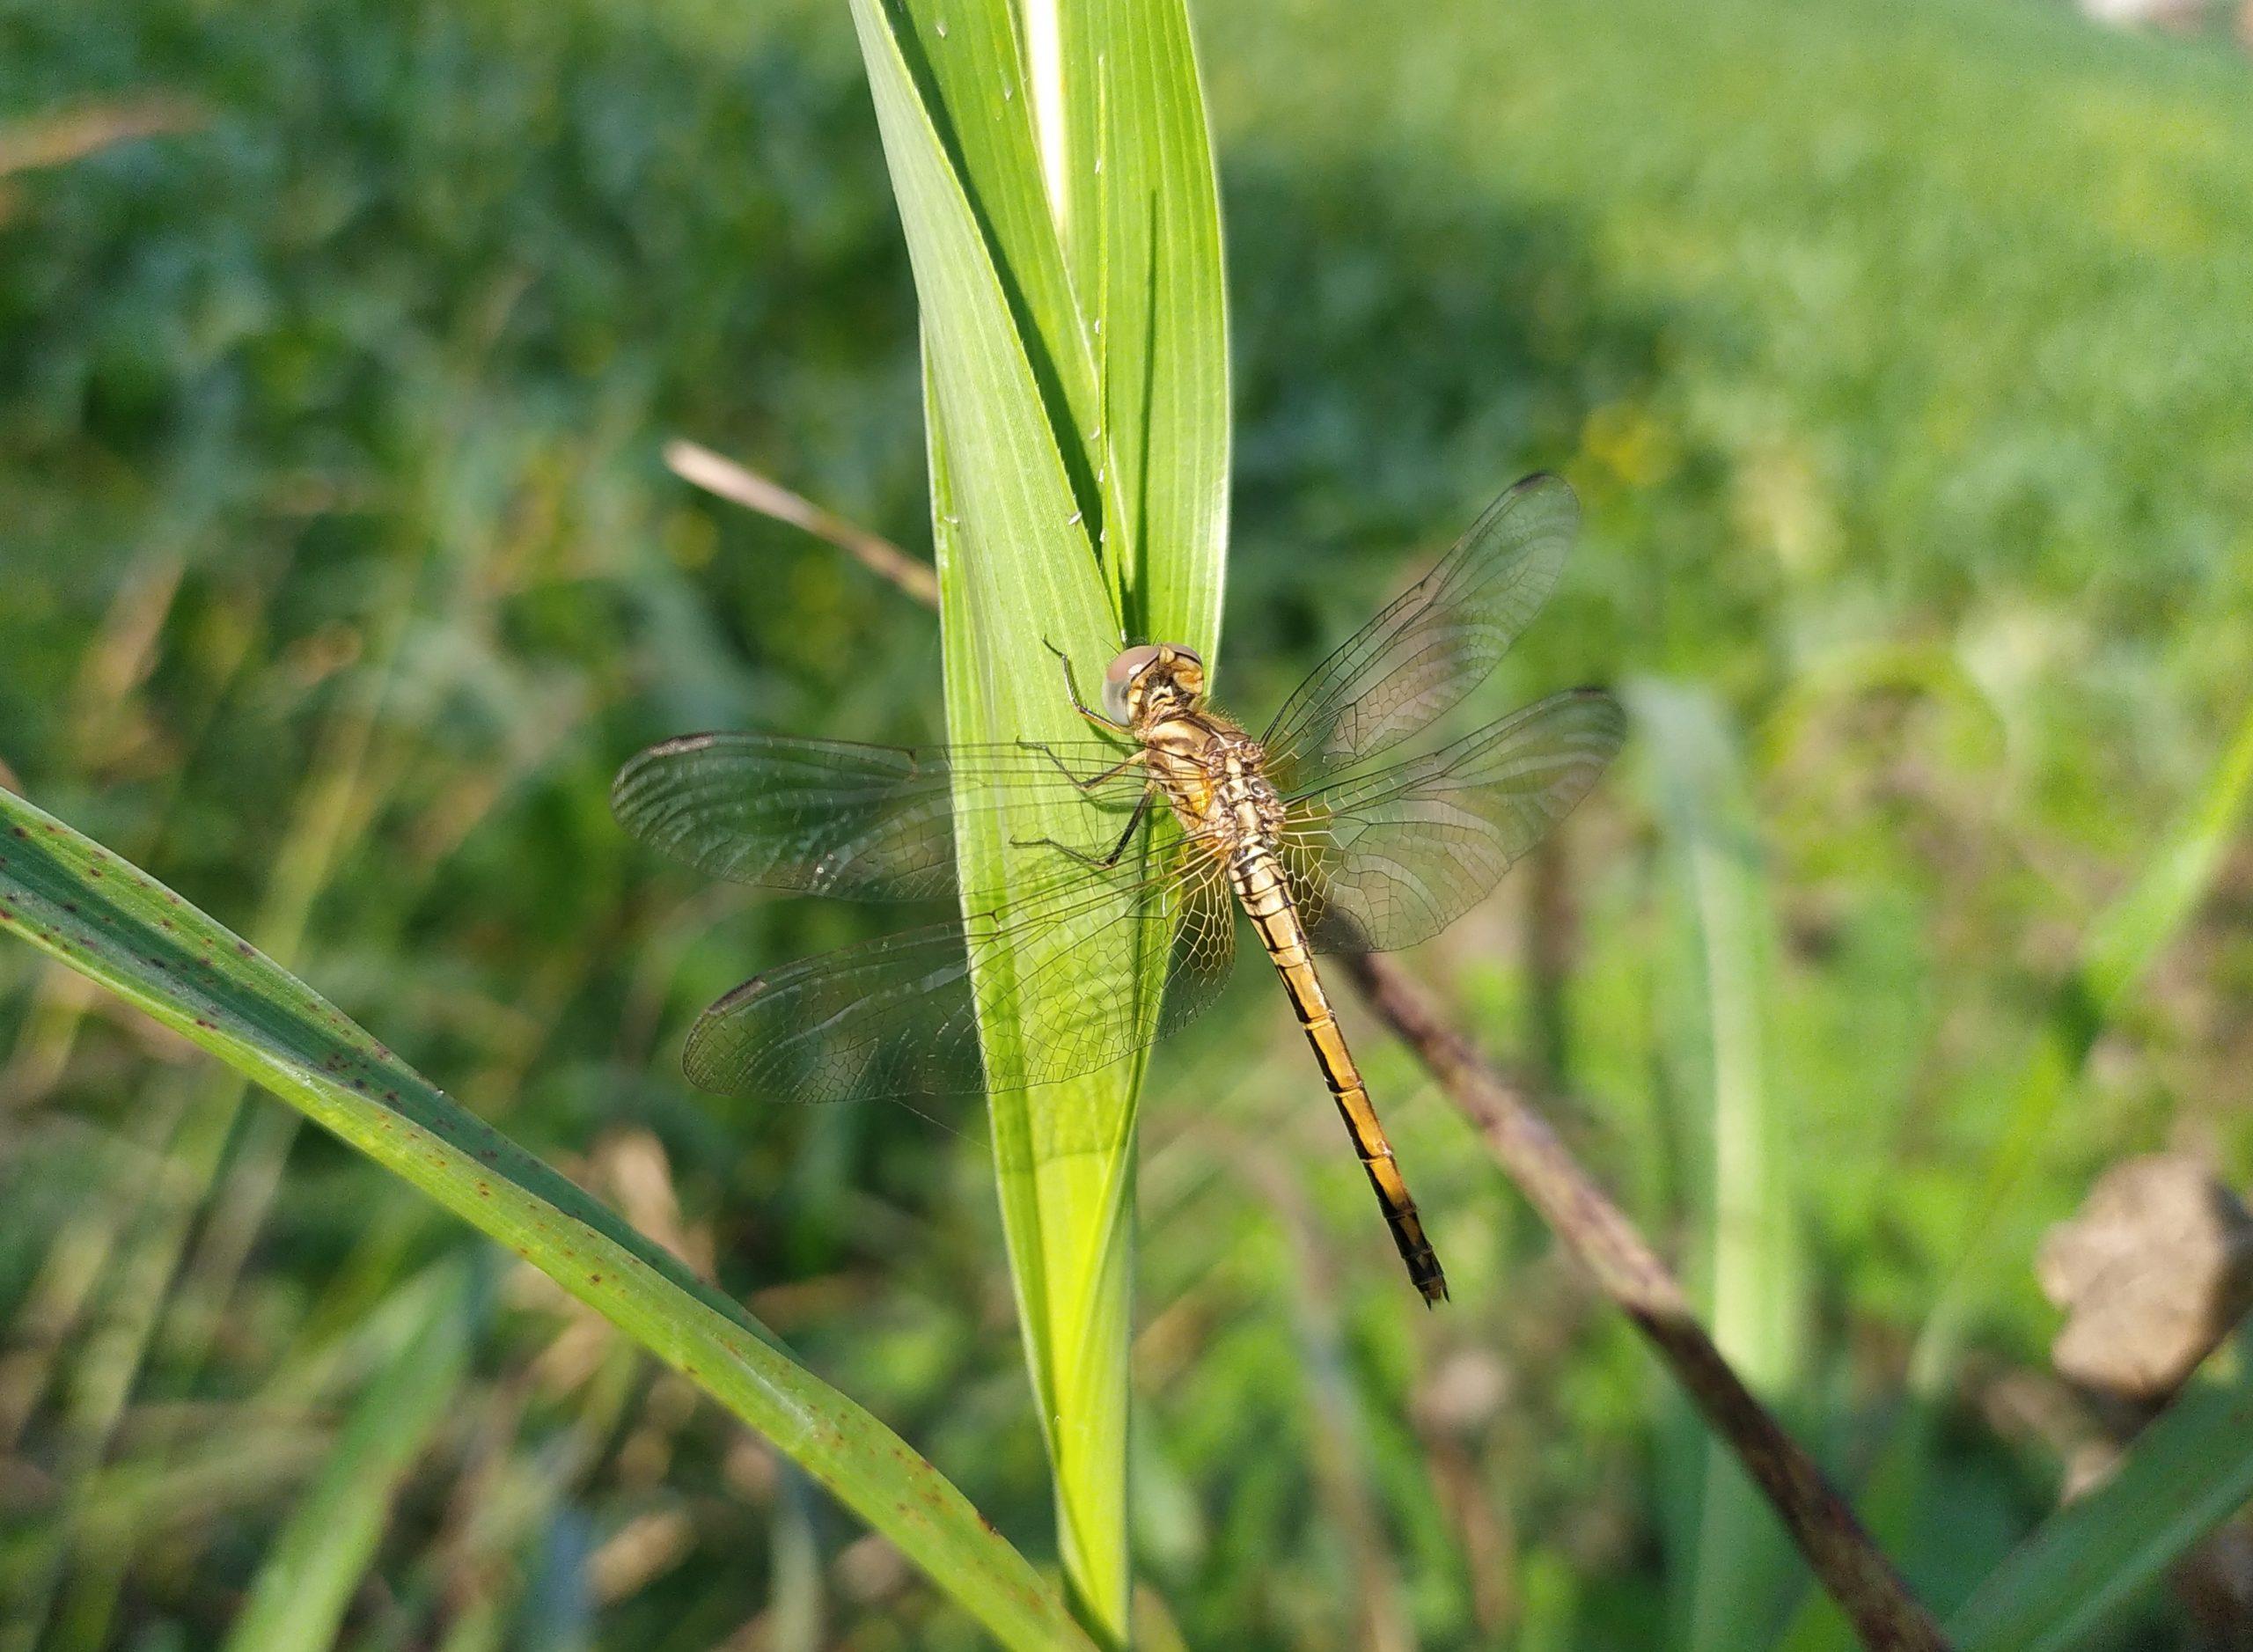 A dragonfly on grass leaf